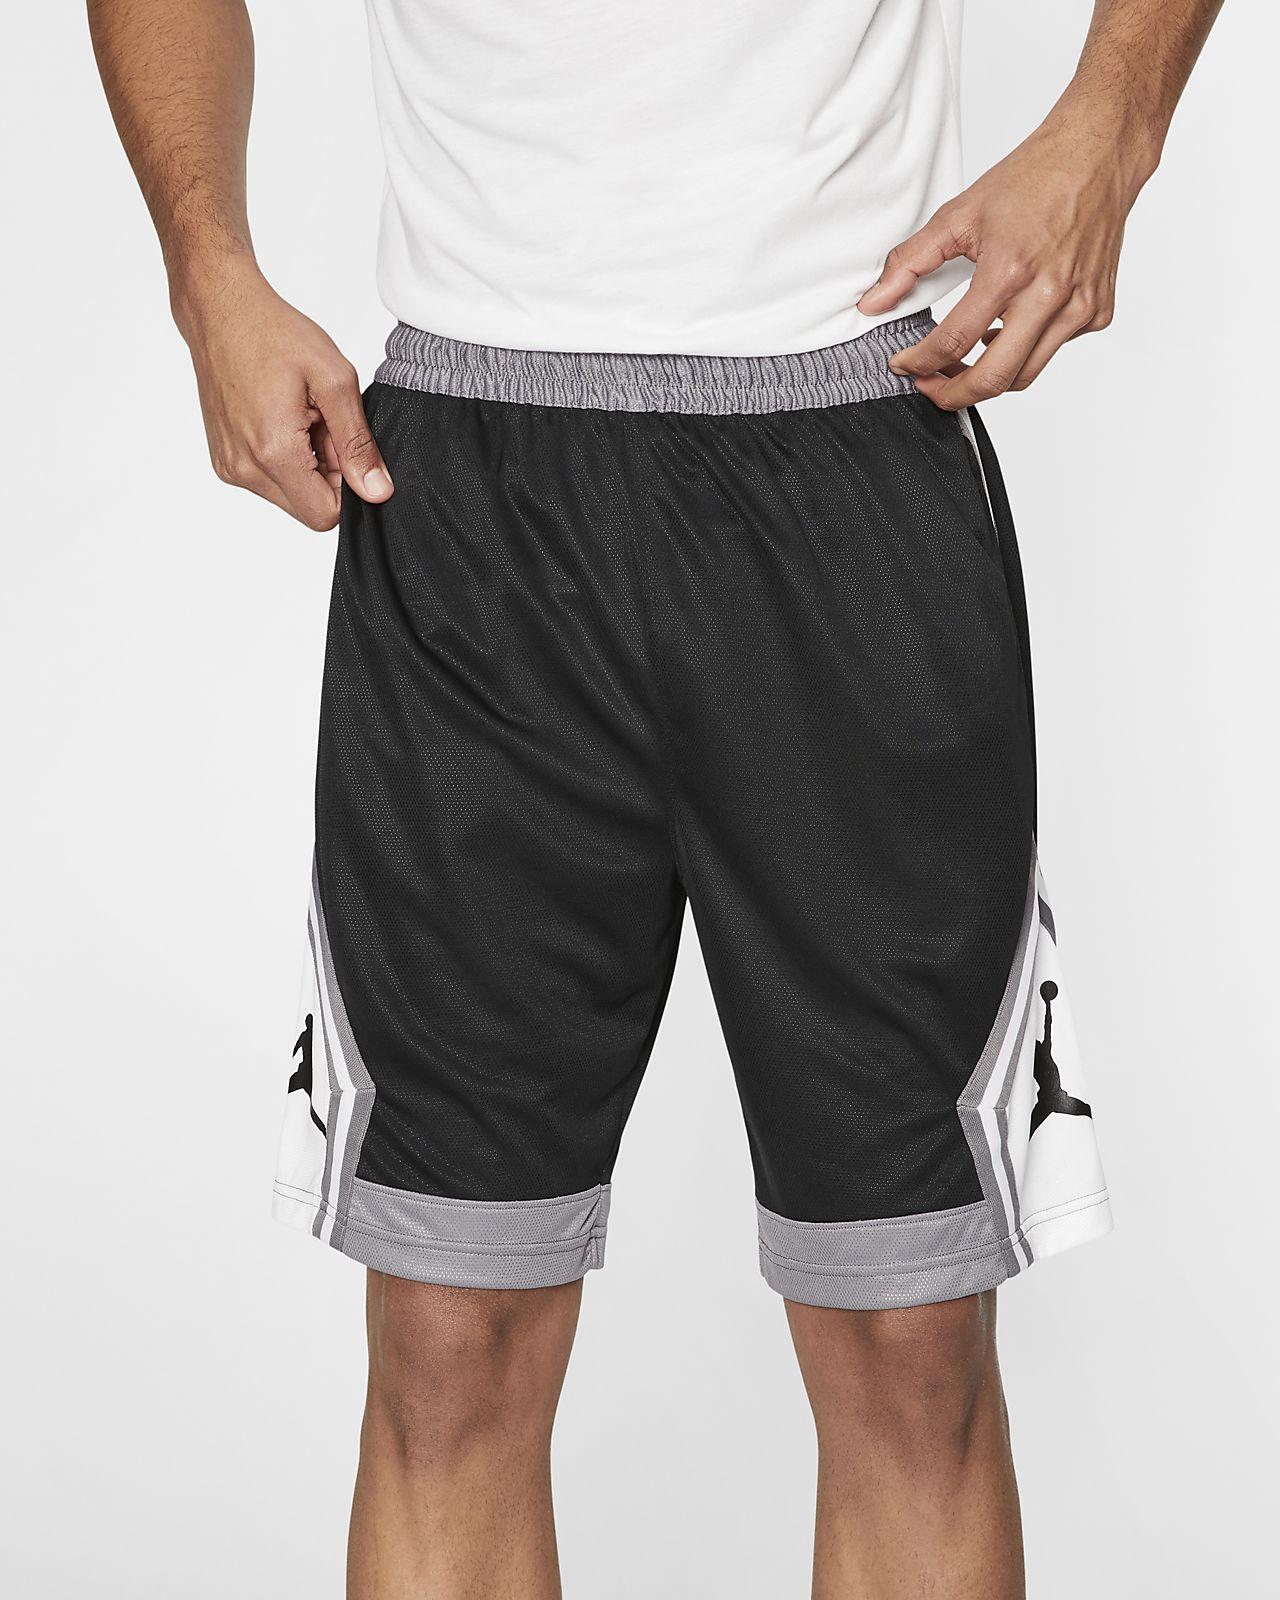 Jordan Jumpman Diamond Çizgili Erkek Basketbol Şortu